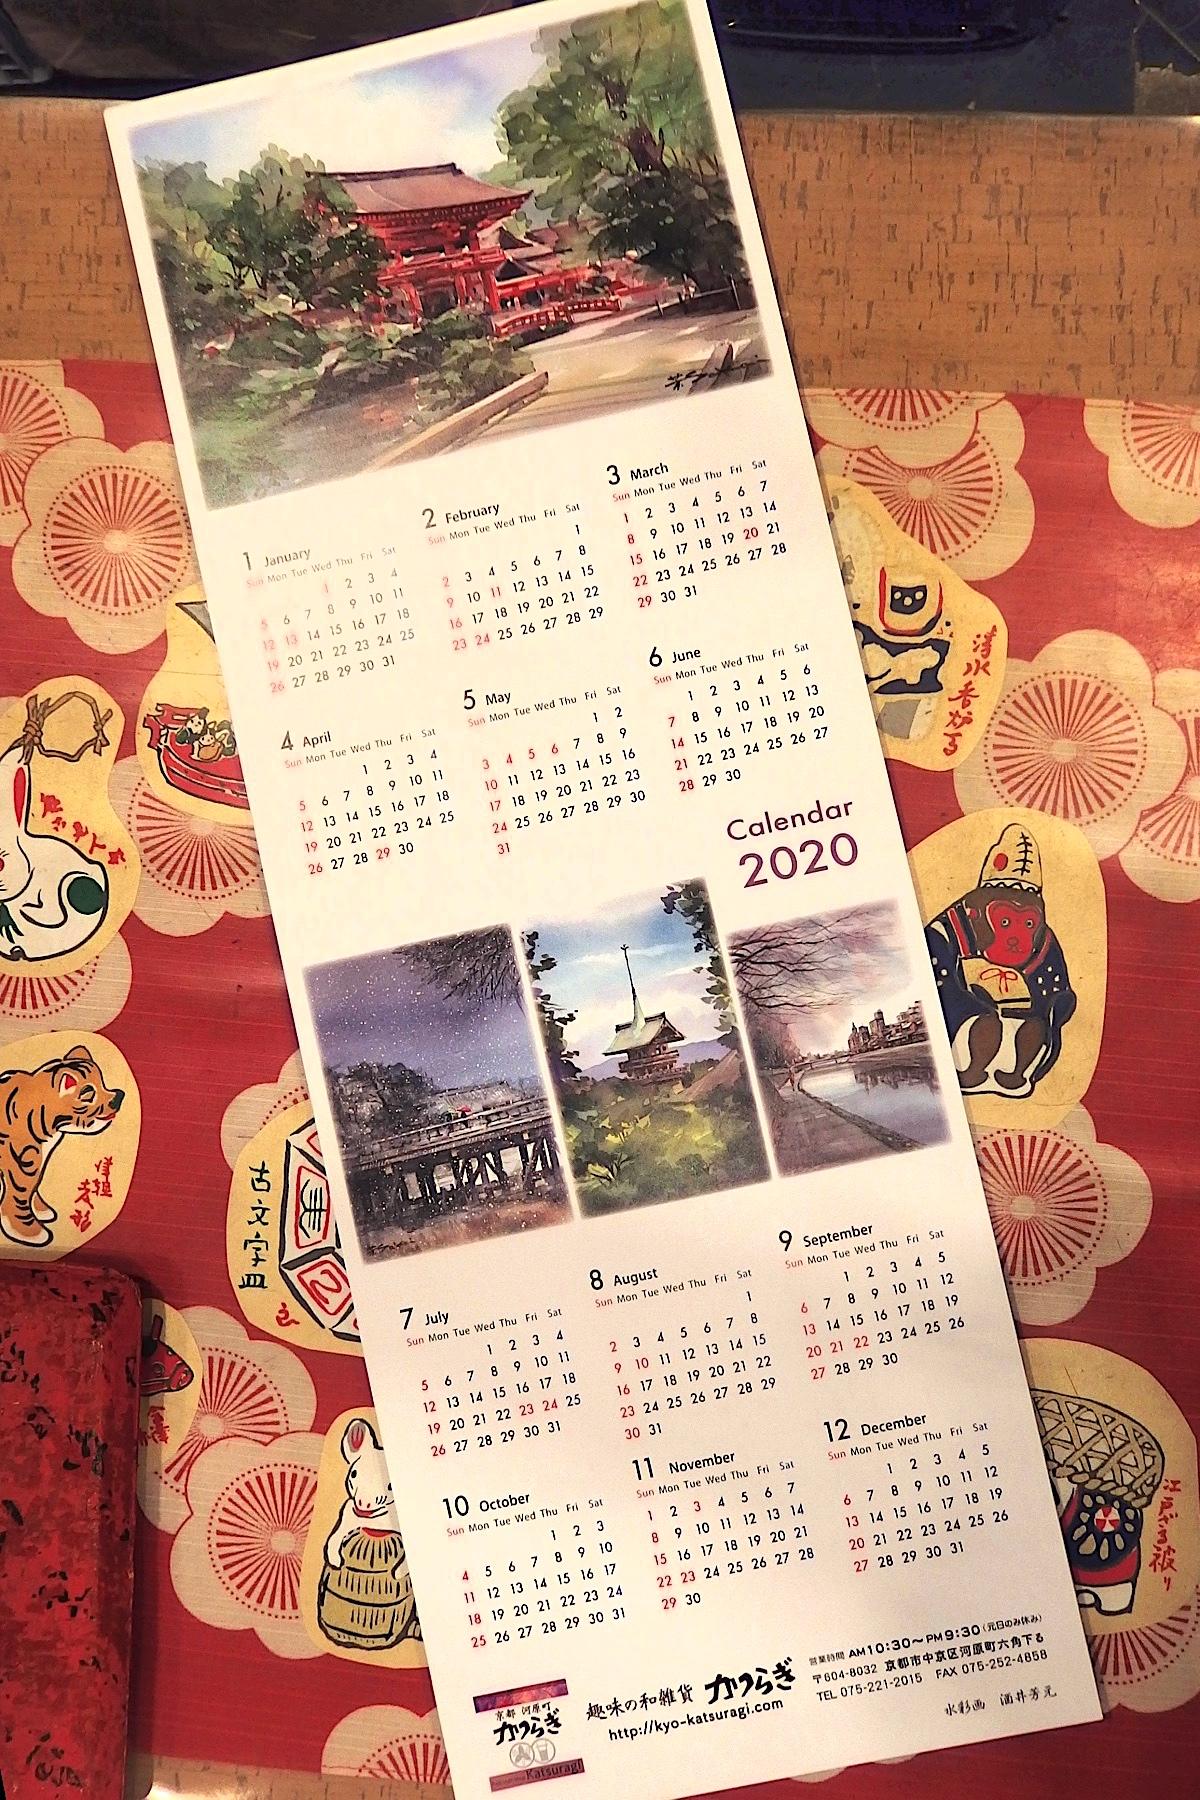 かつらぎ様 カレンダー